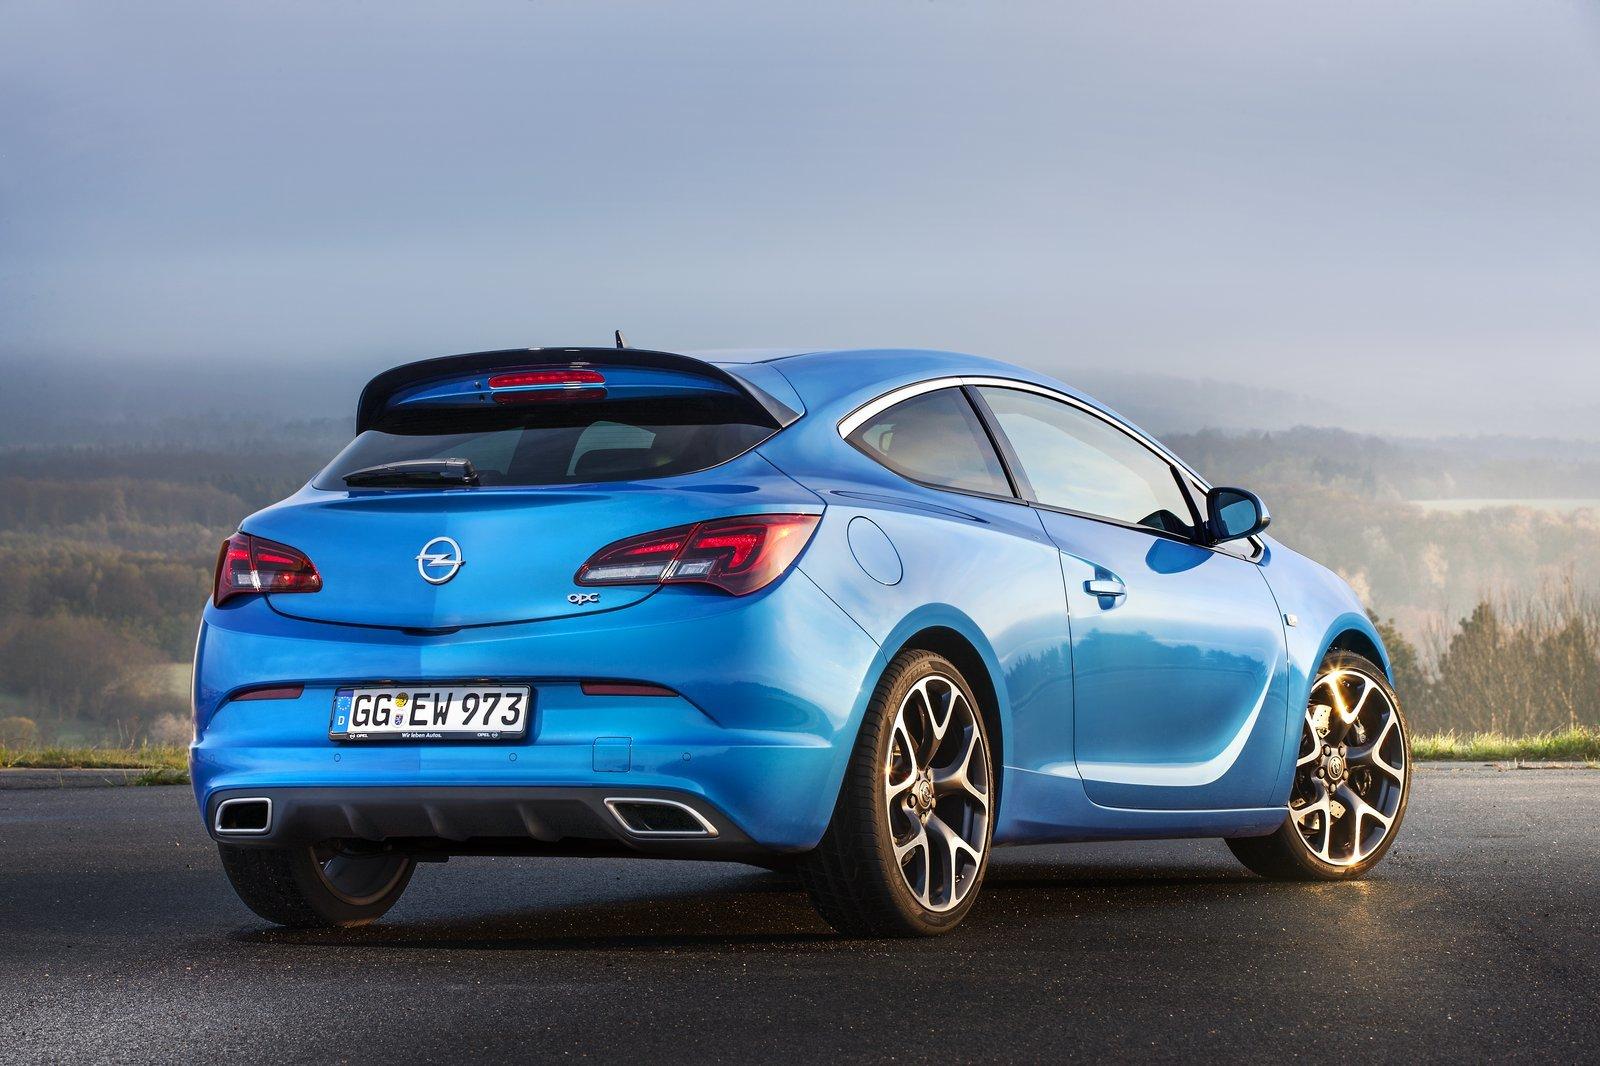 Opel Astra Gtc Prova Scheda Tecnica Opinioni E Dimensioni 2 0 Turbo 280 Cv Opc